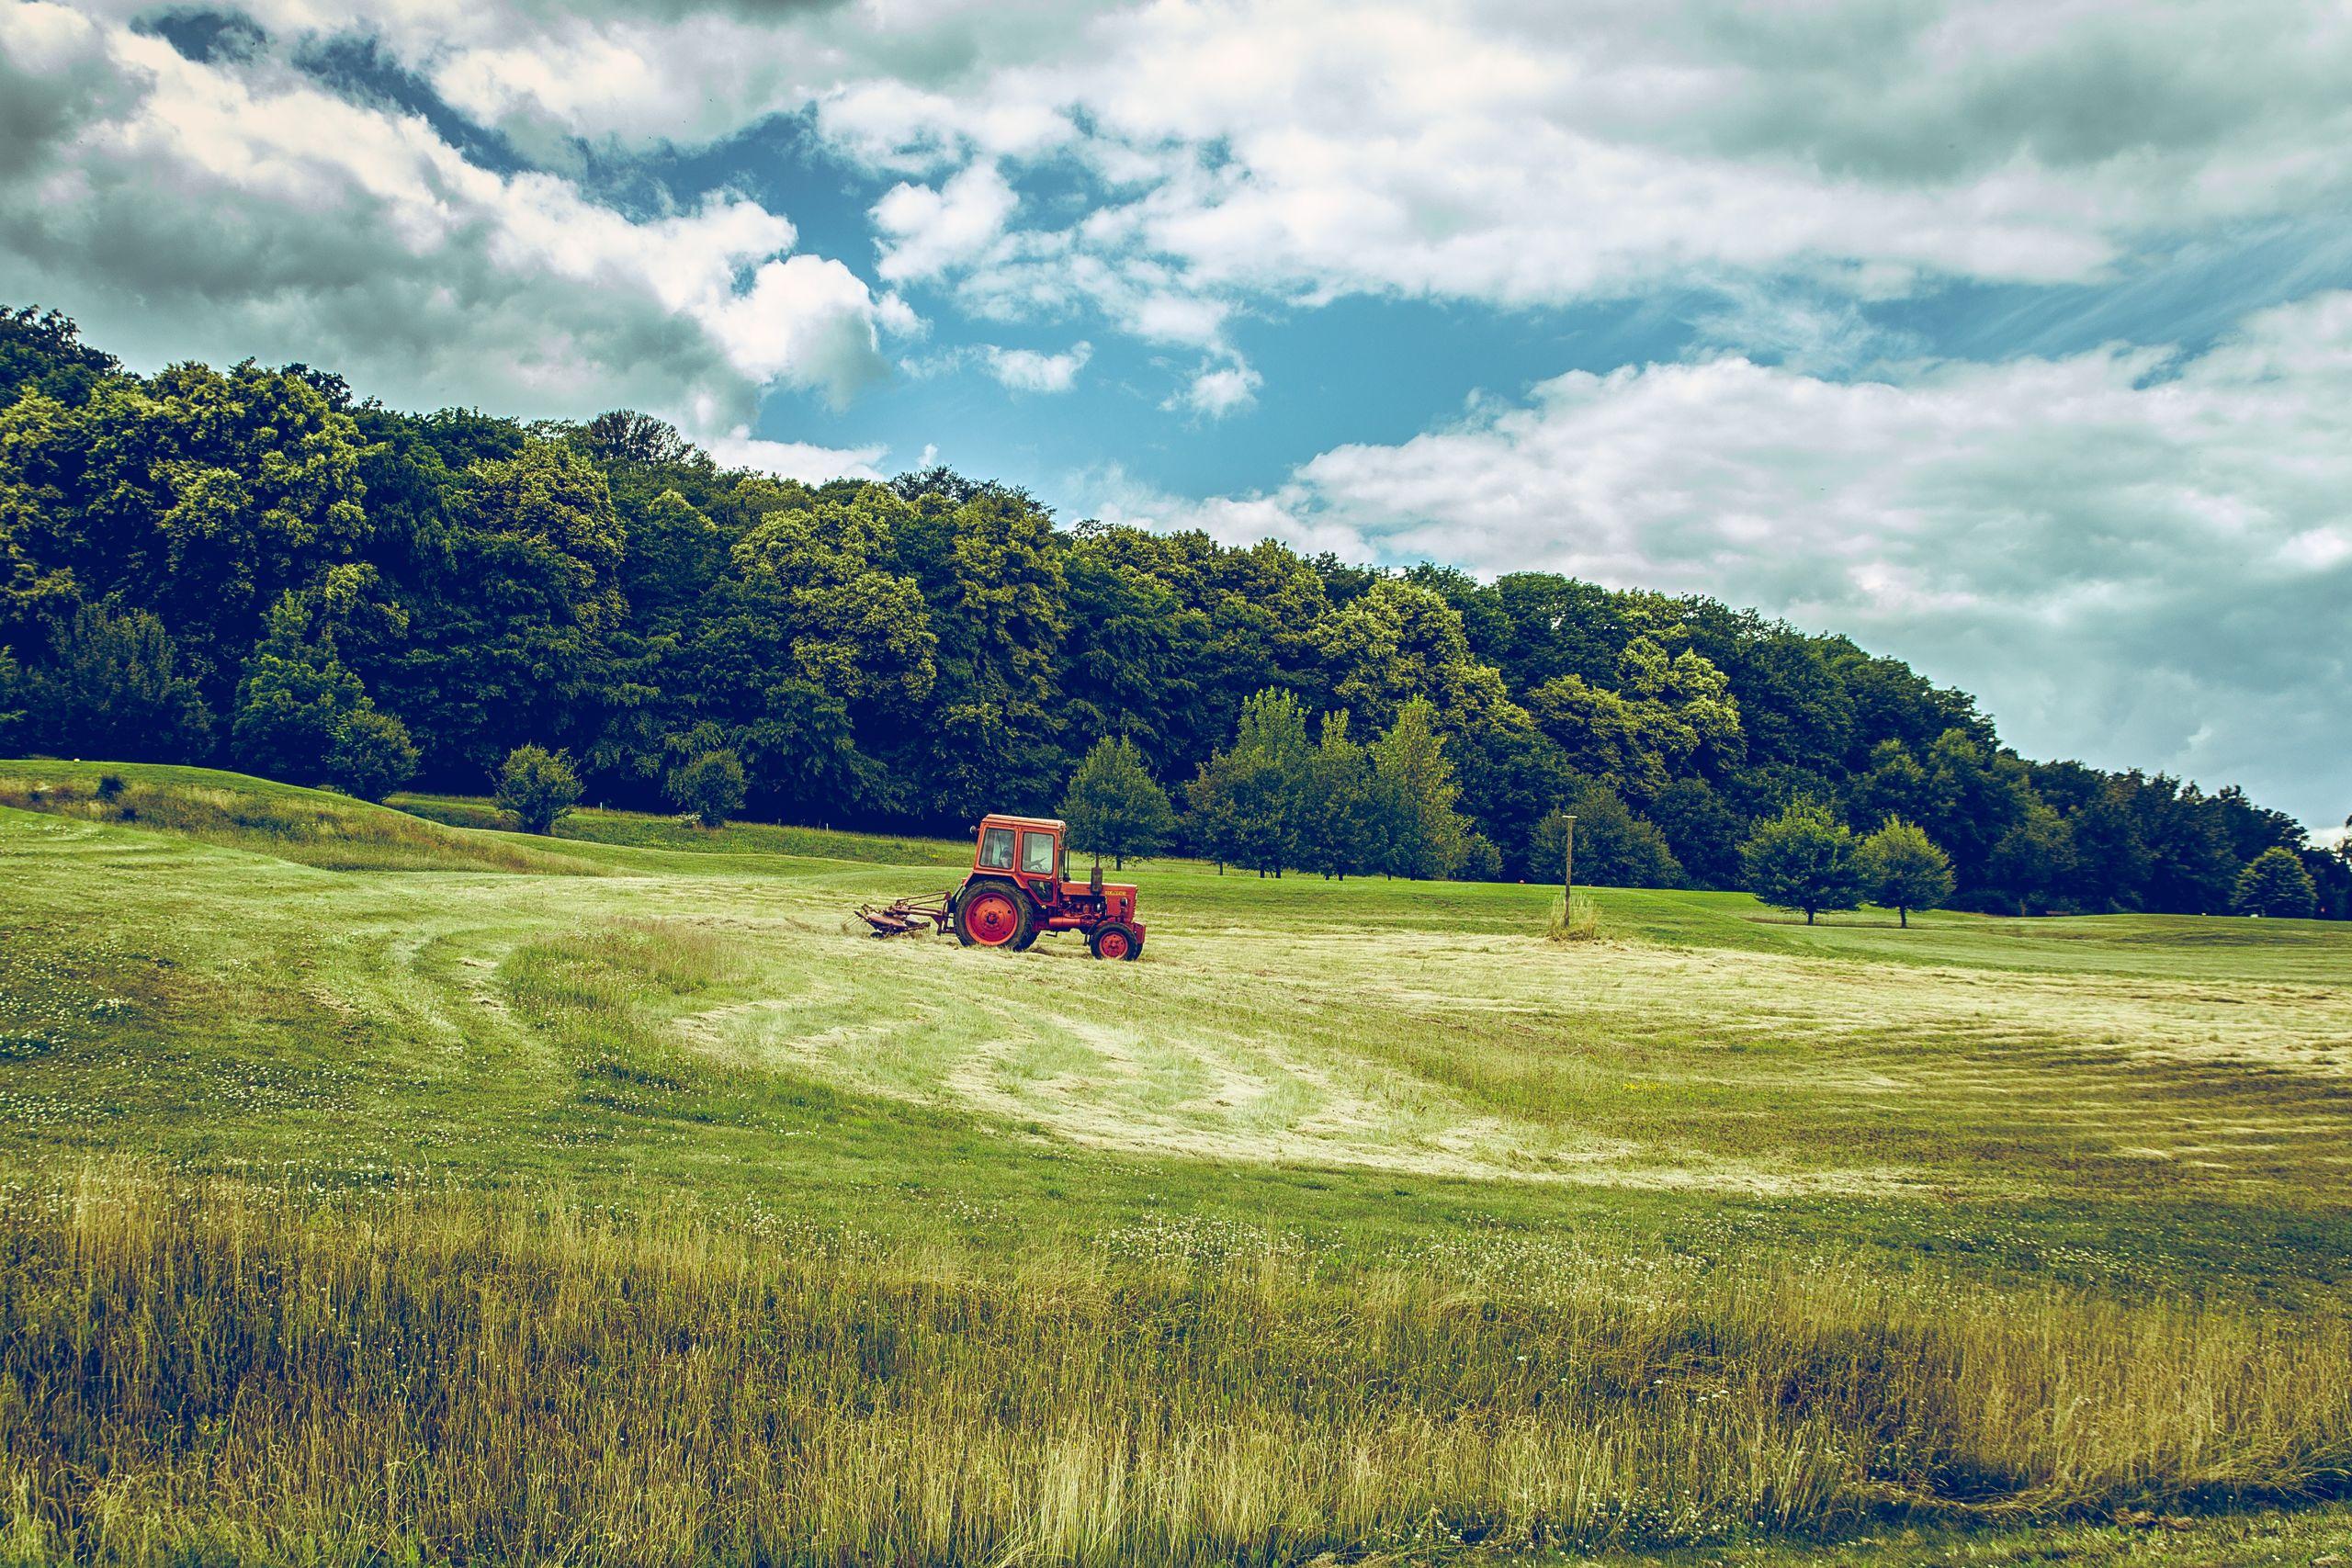 Mangler du en rotorharve til din traktor?